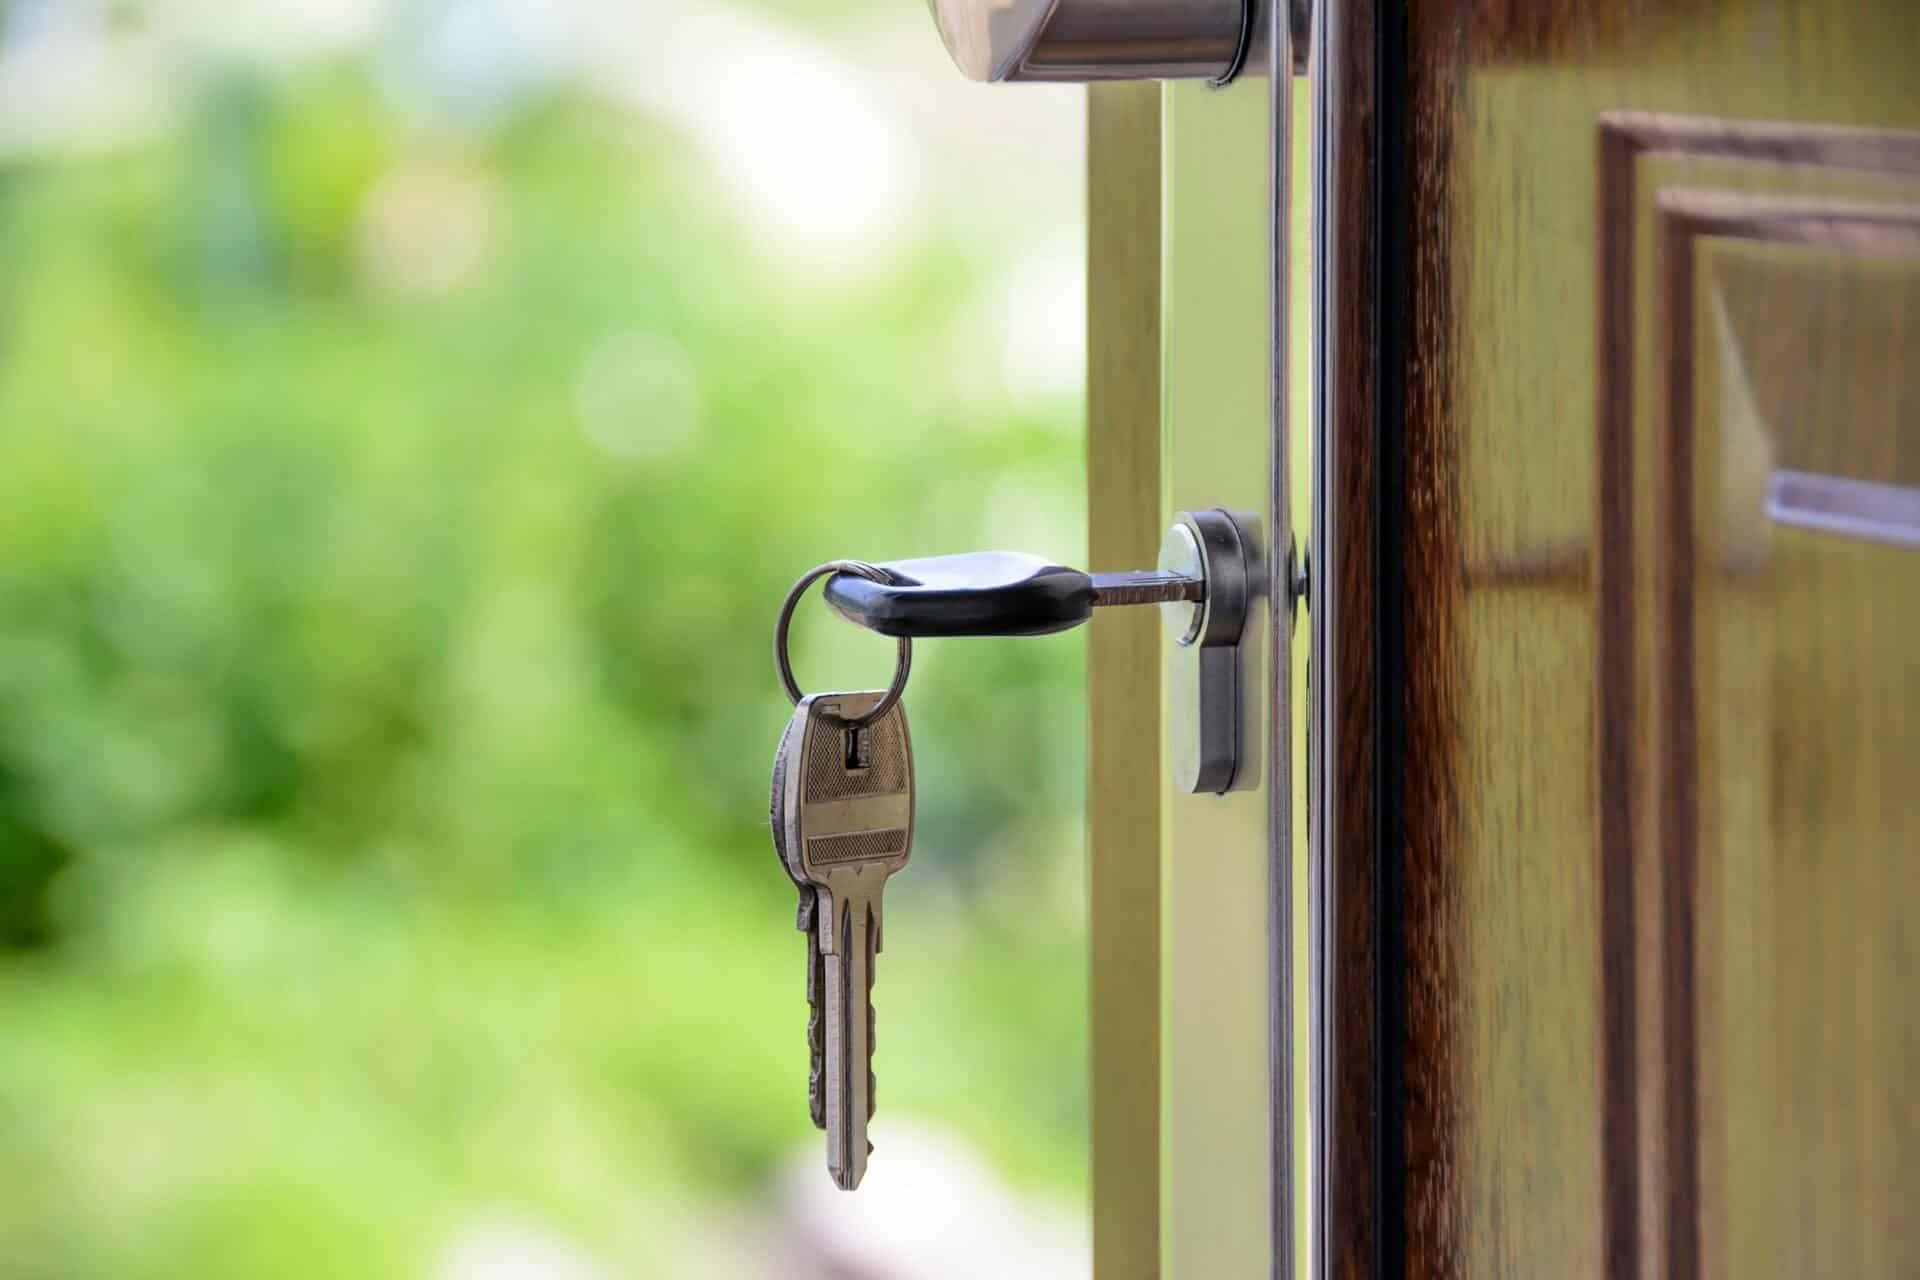 chave colocada dentro da fechadura de uma porta